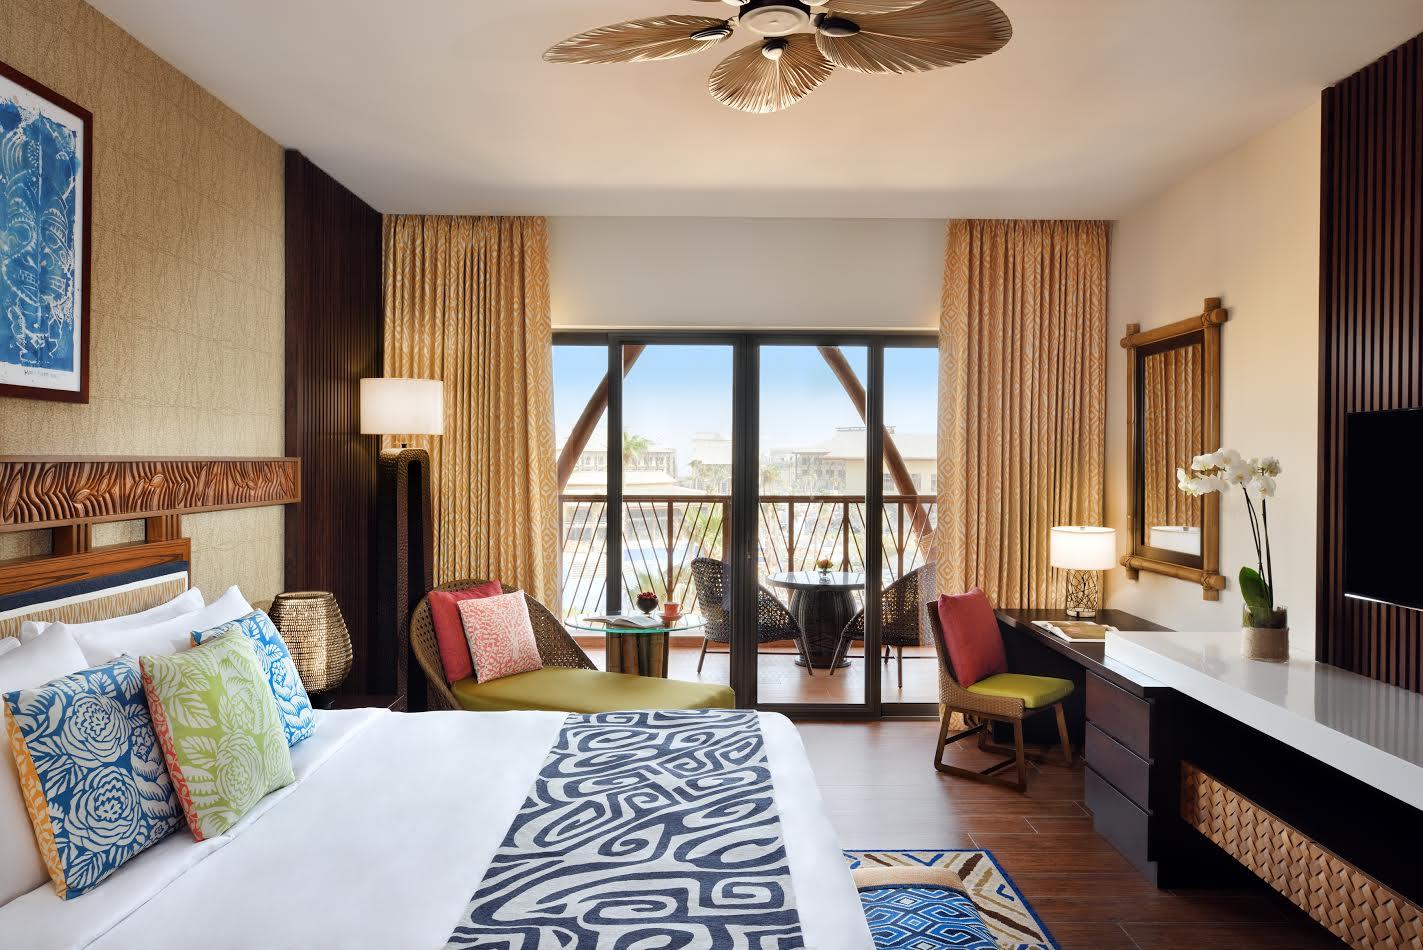 صورة فندق لابيتا أوتوجراف كوليكشن يفتح أبوابه للضيوف في دبي